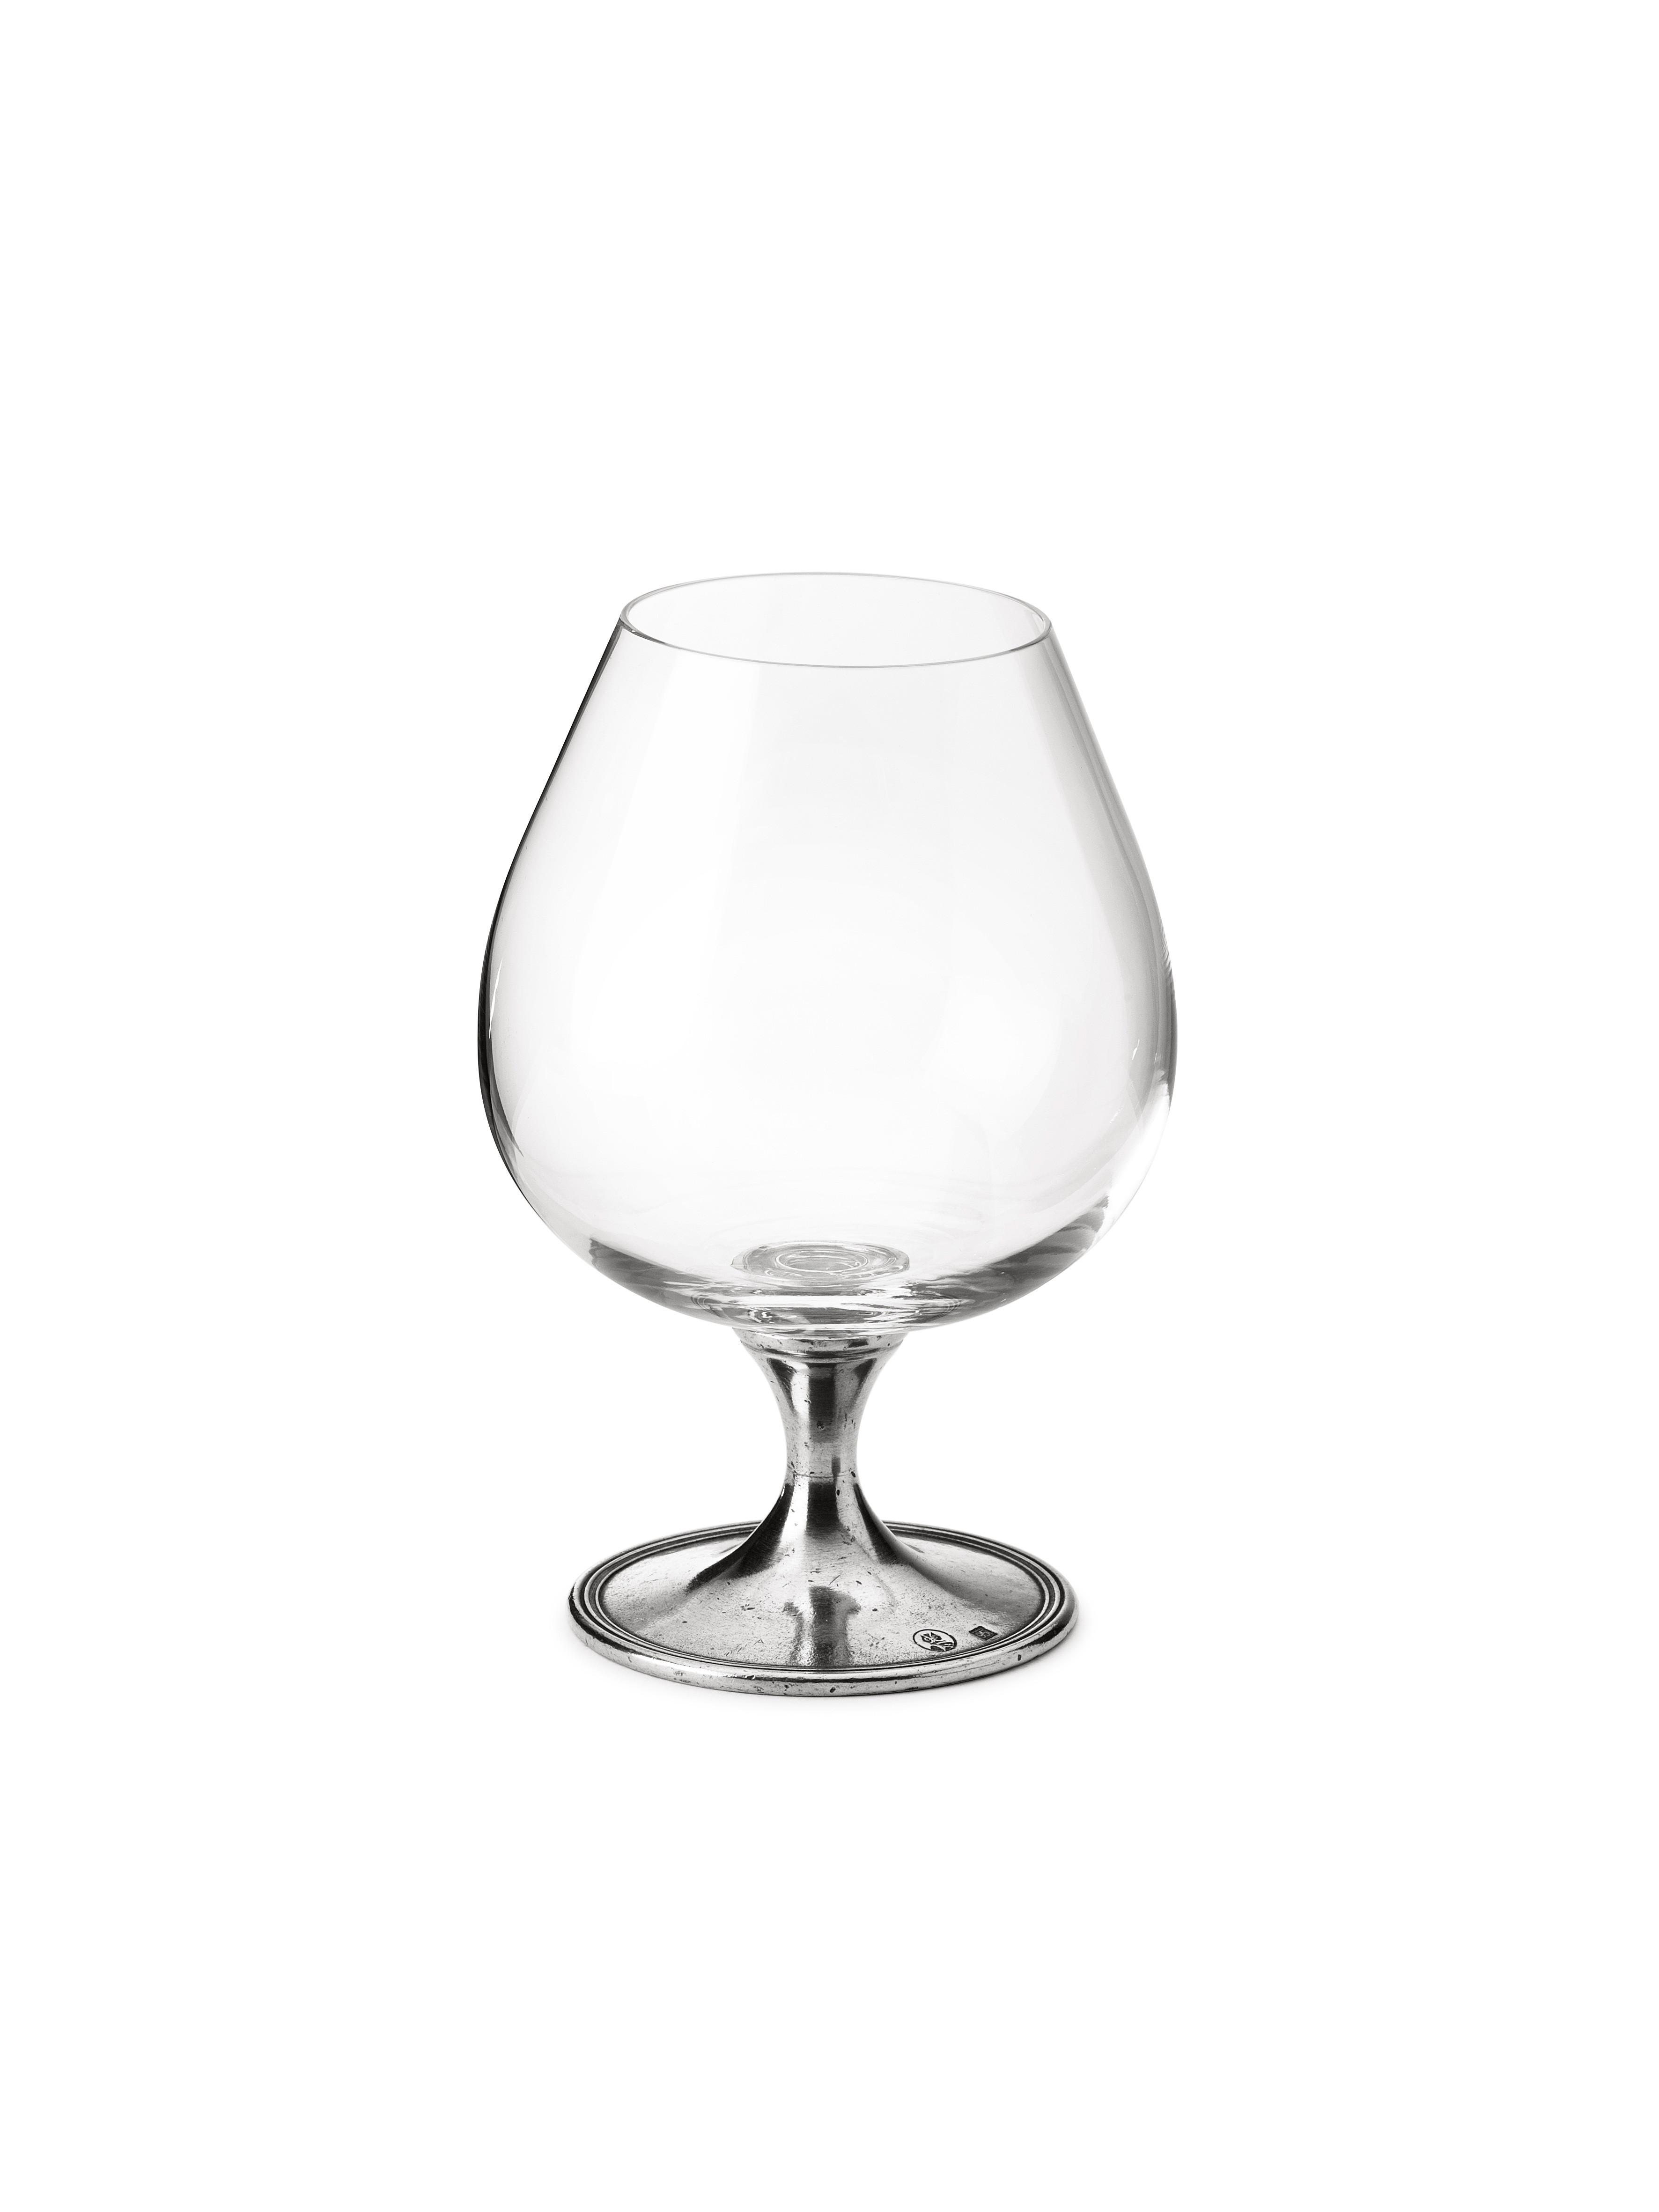 Brandy Glass Brandy Glass h 16.5 cm h 57